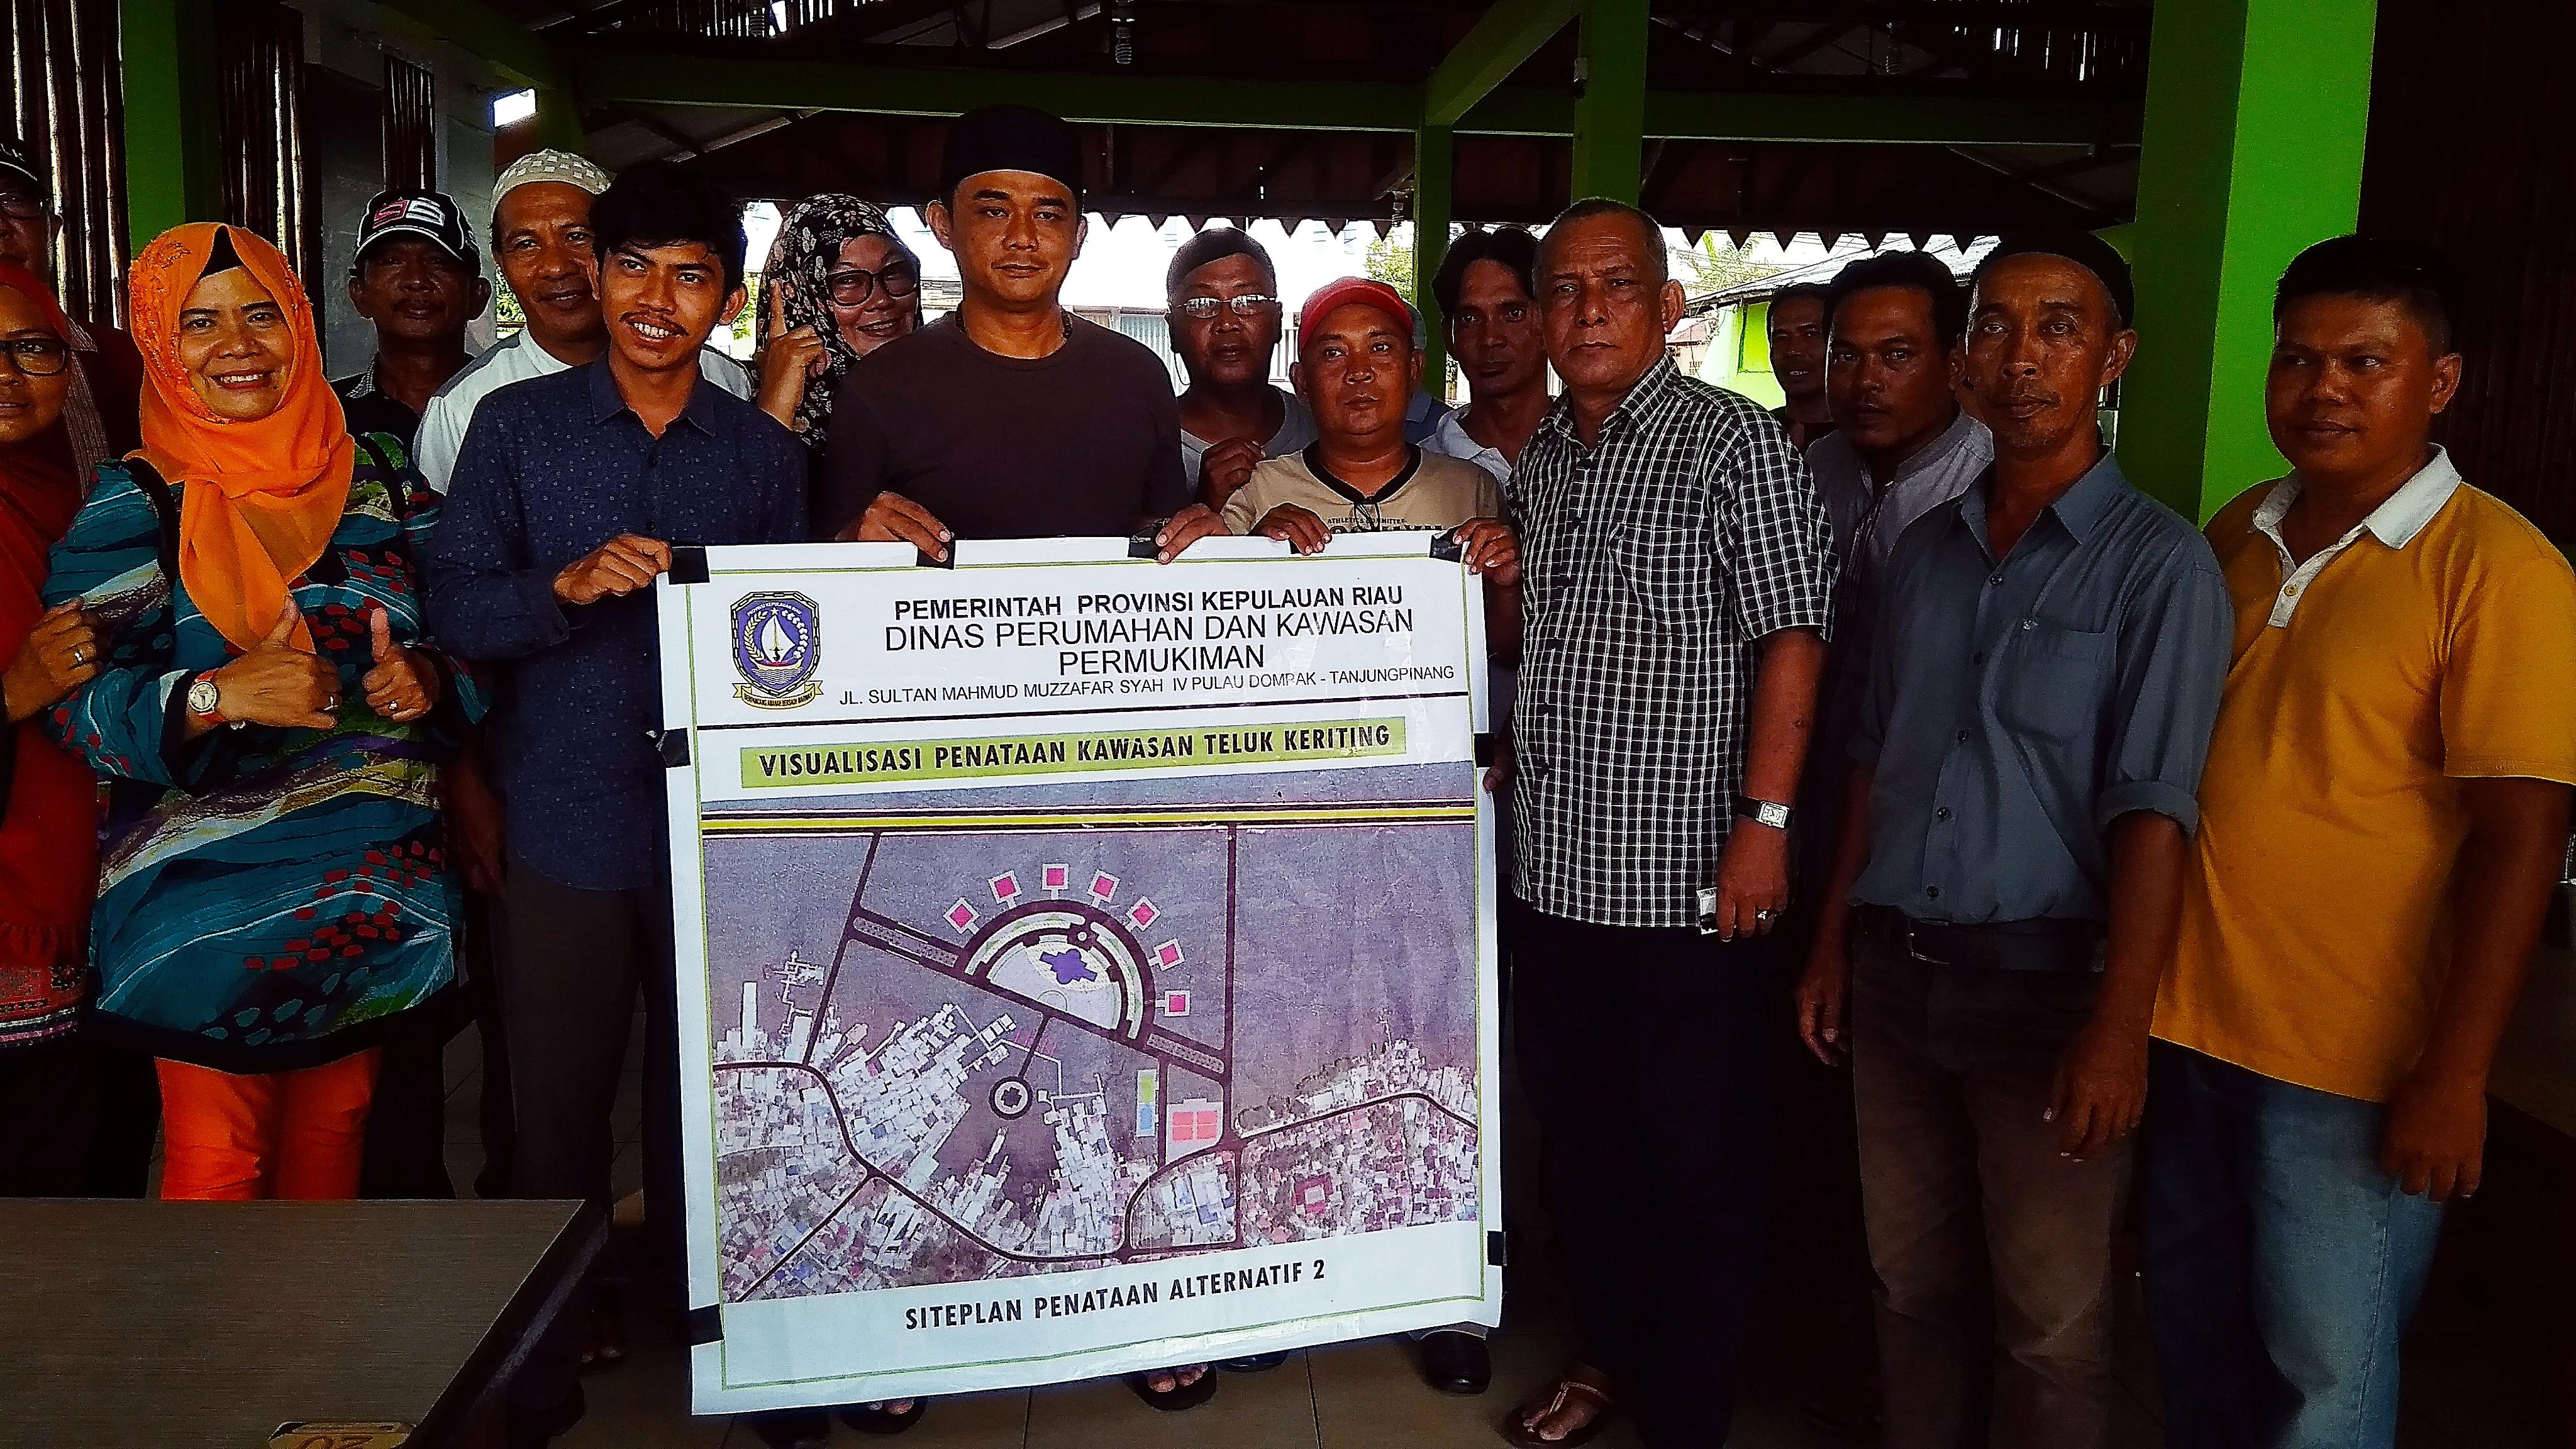 Formatur Siap Sukseskan Proyek Waterfront City Teluk Keriting